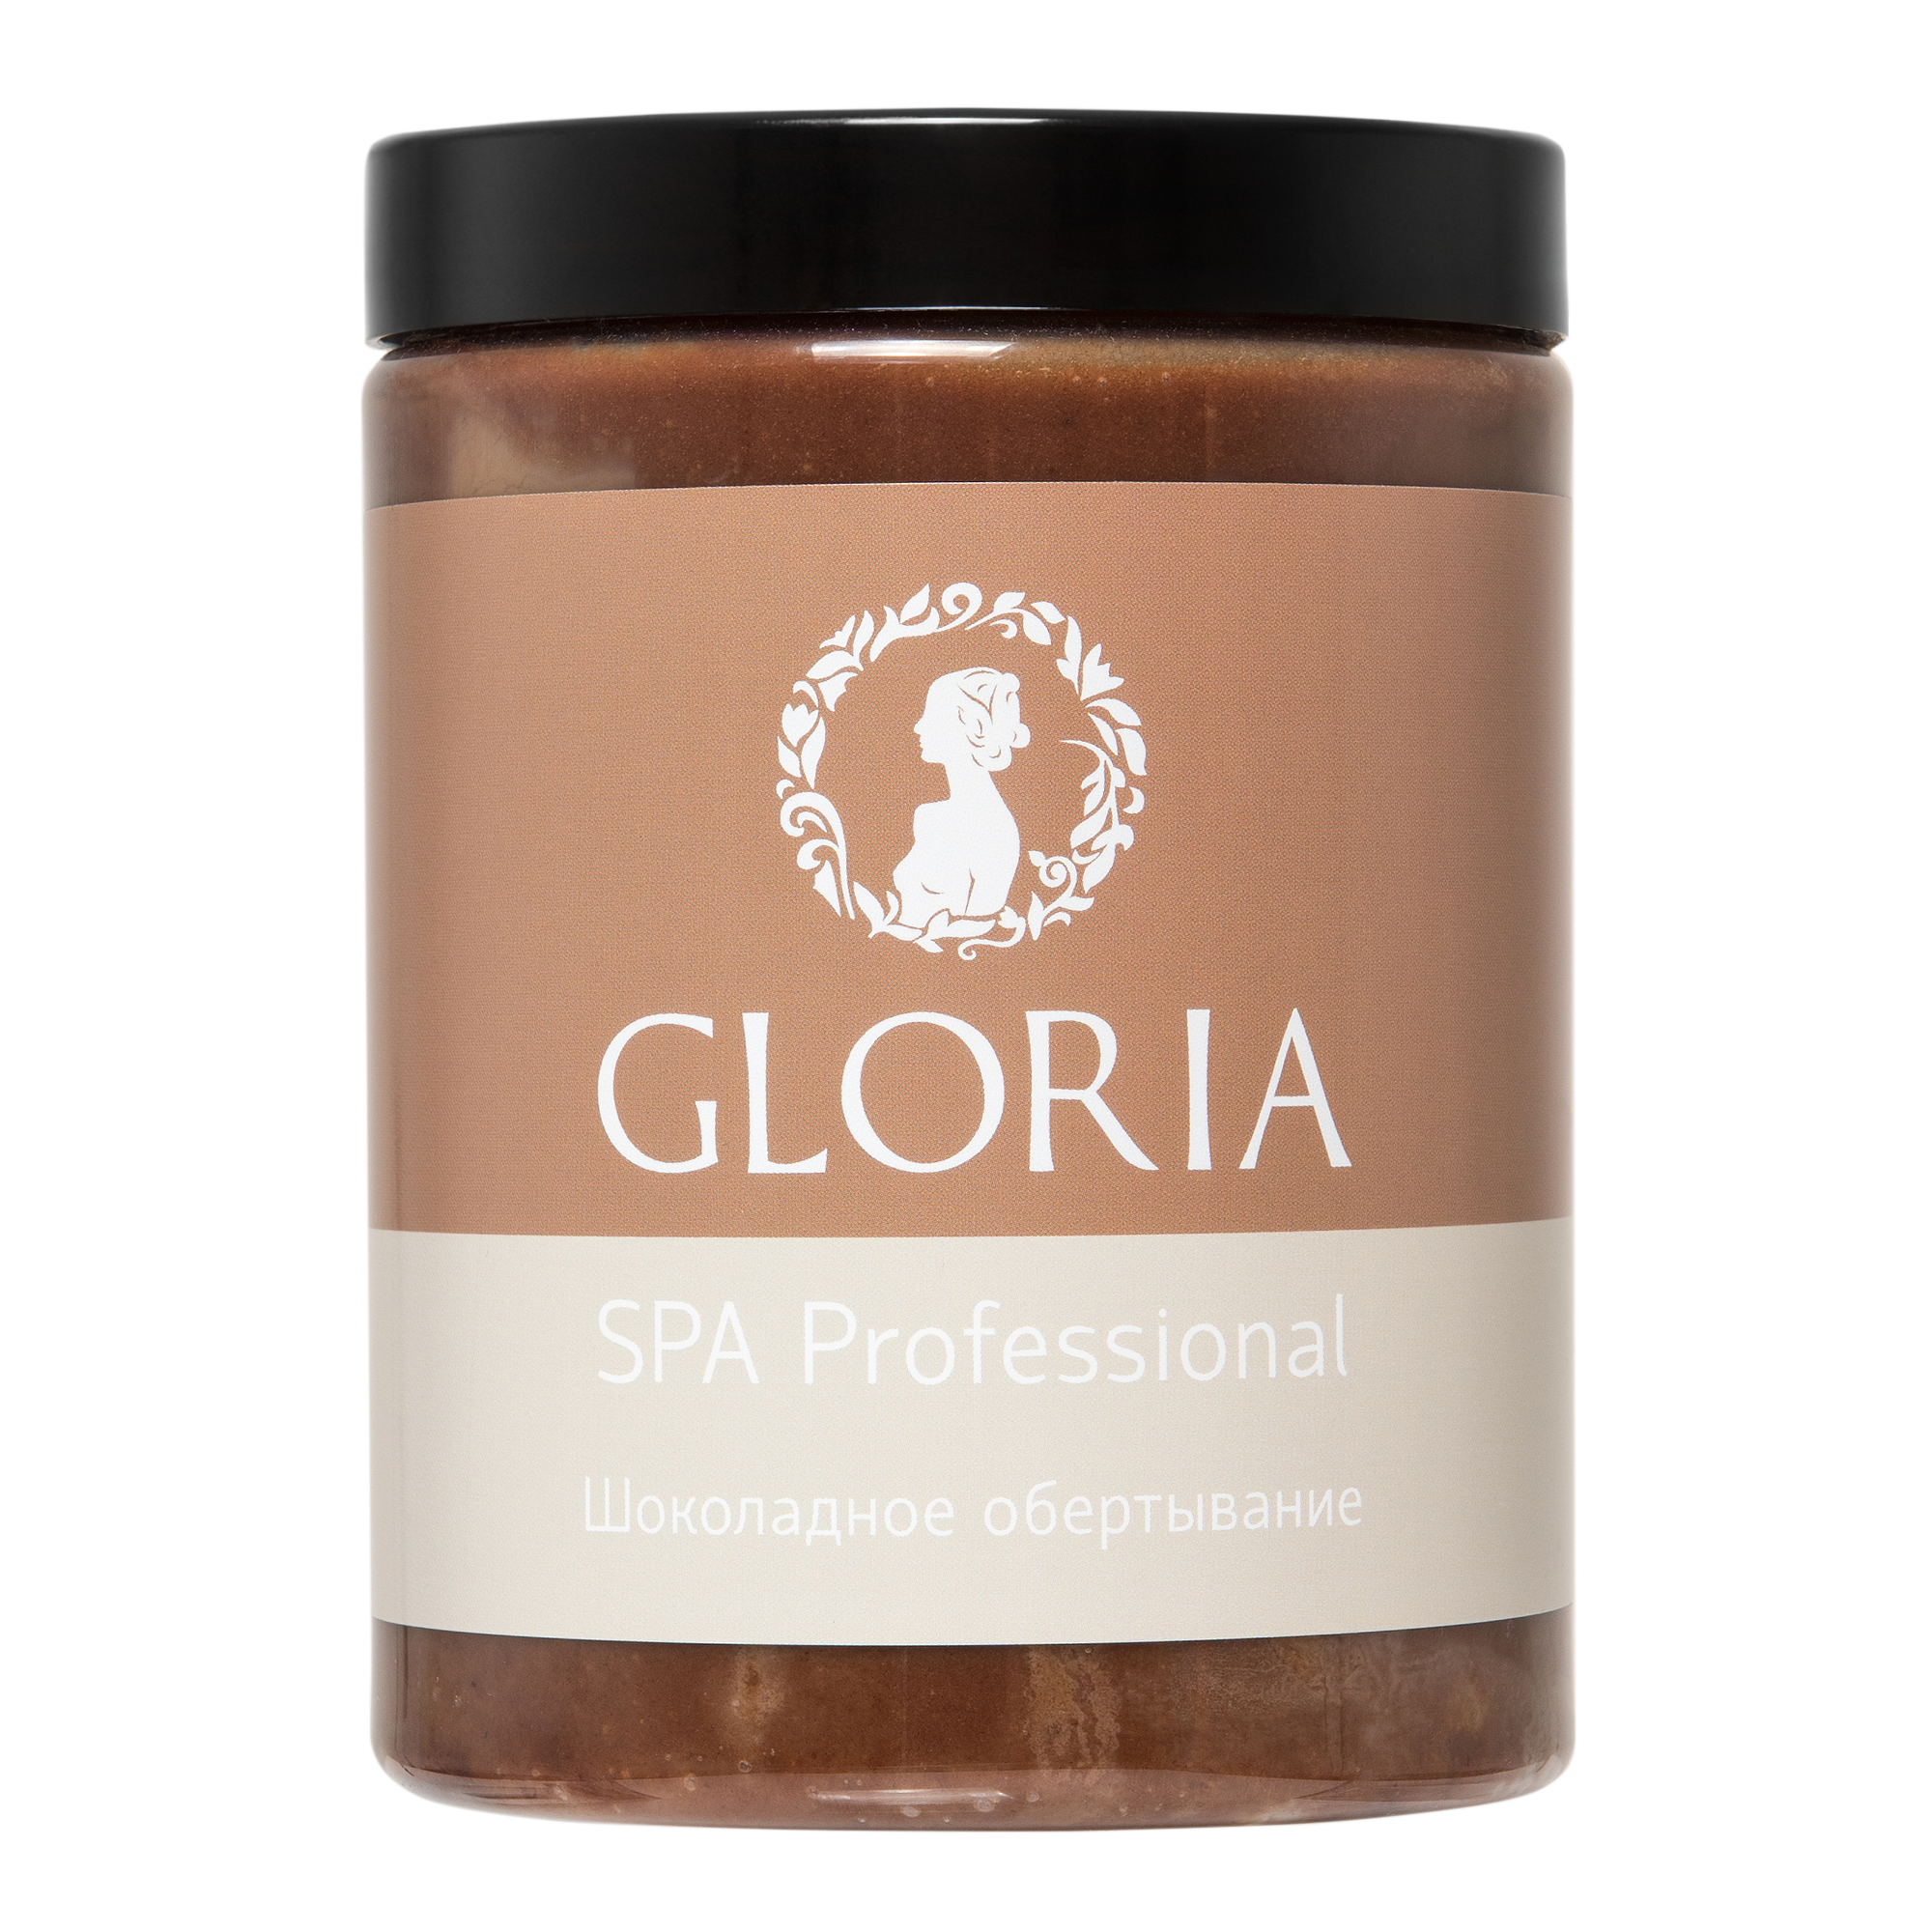 GLORIA Обертывание шоколадное / GLORIA SPA, 1000 мл от Галерея Косметики